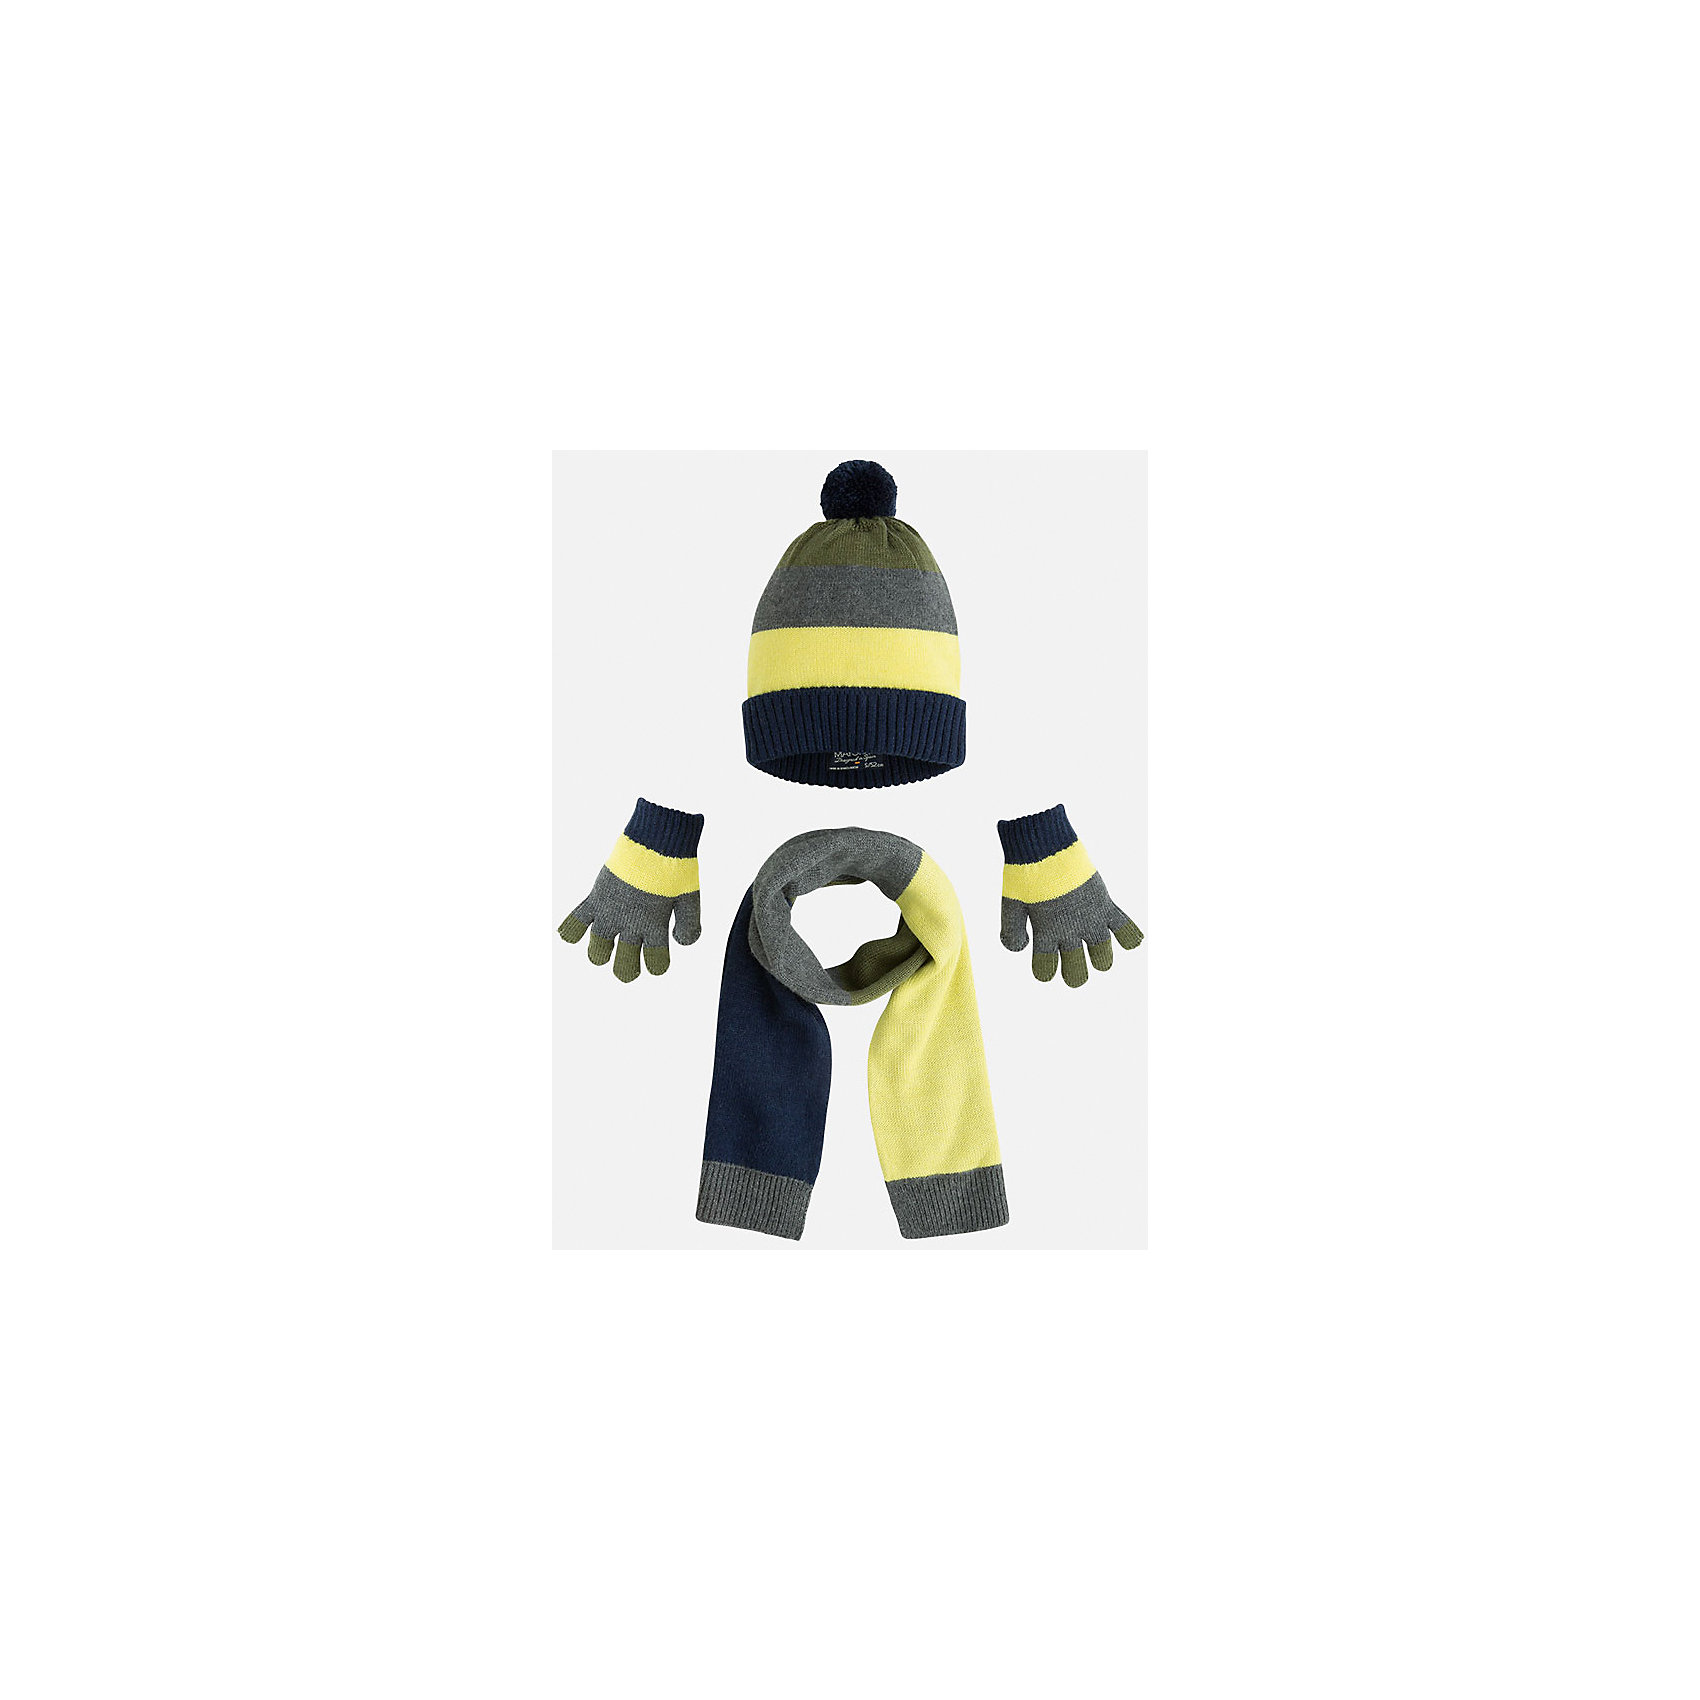 Комплект: шапка, шарф и перчатки для мальчика MayoralГоловные уборы<br>Комплект из шапки, шарфа и перчаток от известного испанского бренда Mayoral. Изготовлен из гипоаллергенных, водоотталкивающих материалов для самых активных прогулок!<br>Дополнительная информация:<br>-цвета: желтый, серый, зеленый, синий<br>-помпон на шапке<br>-надежные резинки<br>-состав: 45% акрил, 30% вискоза, 15% полиамид, 10% шерсть<br>Комплект из шапки, шарфа и перчаток Mayoral можно приобрести  в нашем интернет-магазине.<br><br>Ширина мм: 89<br>Глубина мм: 117<br>Высота мм: 44<br>Вес г: 155<br>Цвет: хаки<br>Возраст от месяцев: 24<br>Возраст до месяцев: 36<br>Пол: Мужской<br>Возраст: Детский<br>Размер: 50,54,52<br>SKU: 4820201